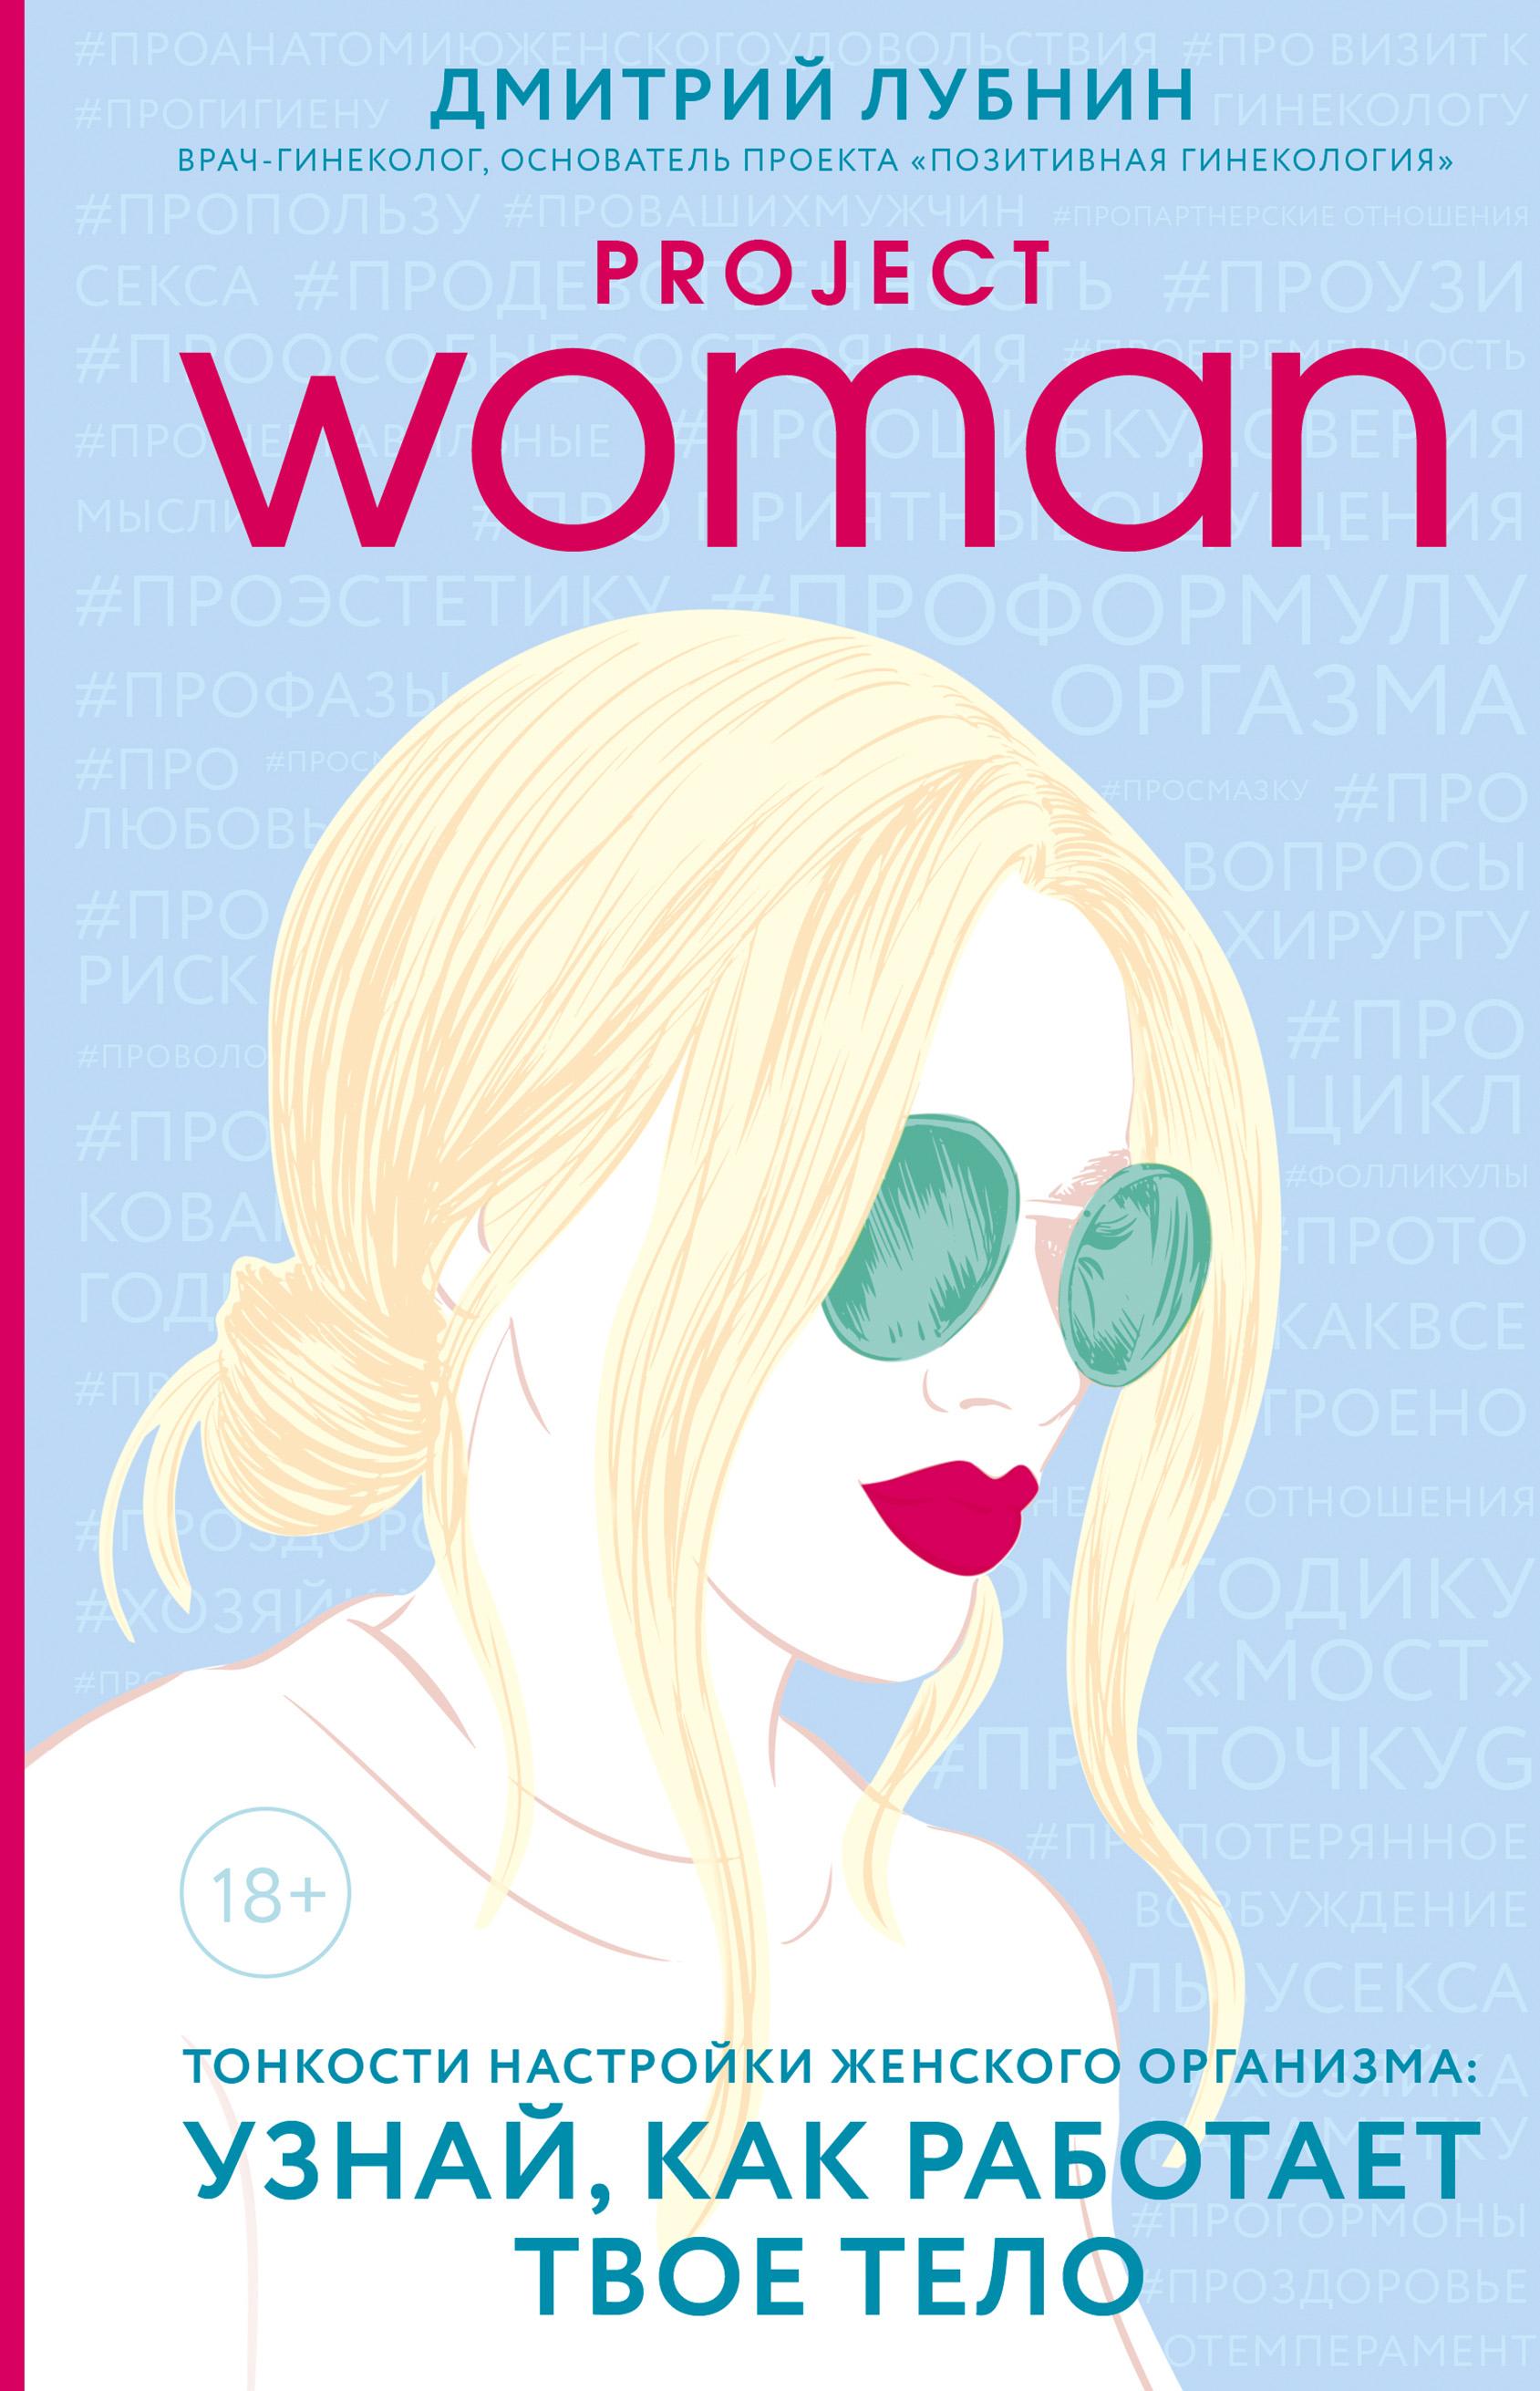 Project woman.Тонкости настройки женского организма: узнай, как работает твое тело